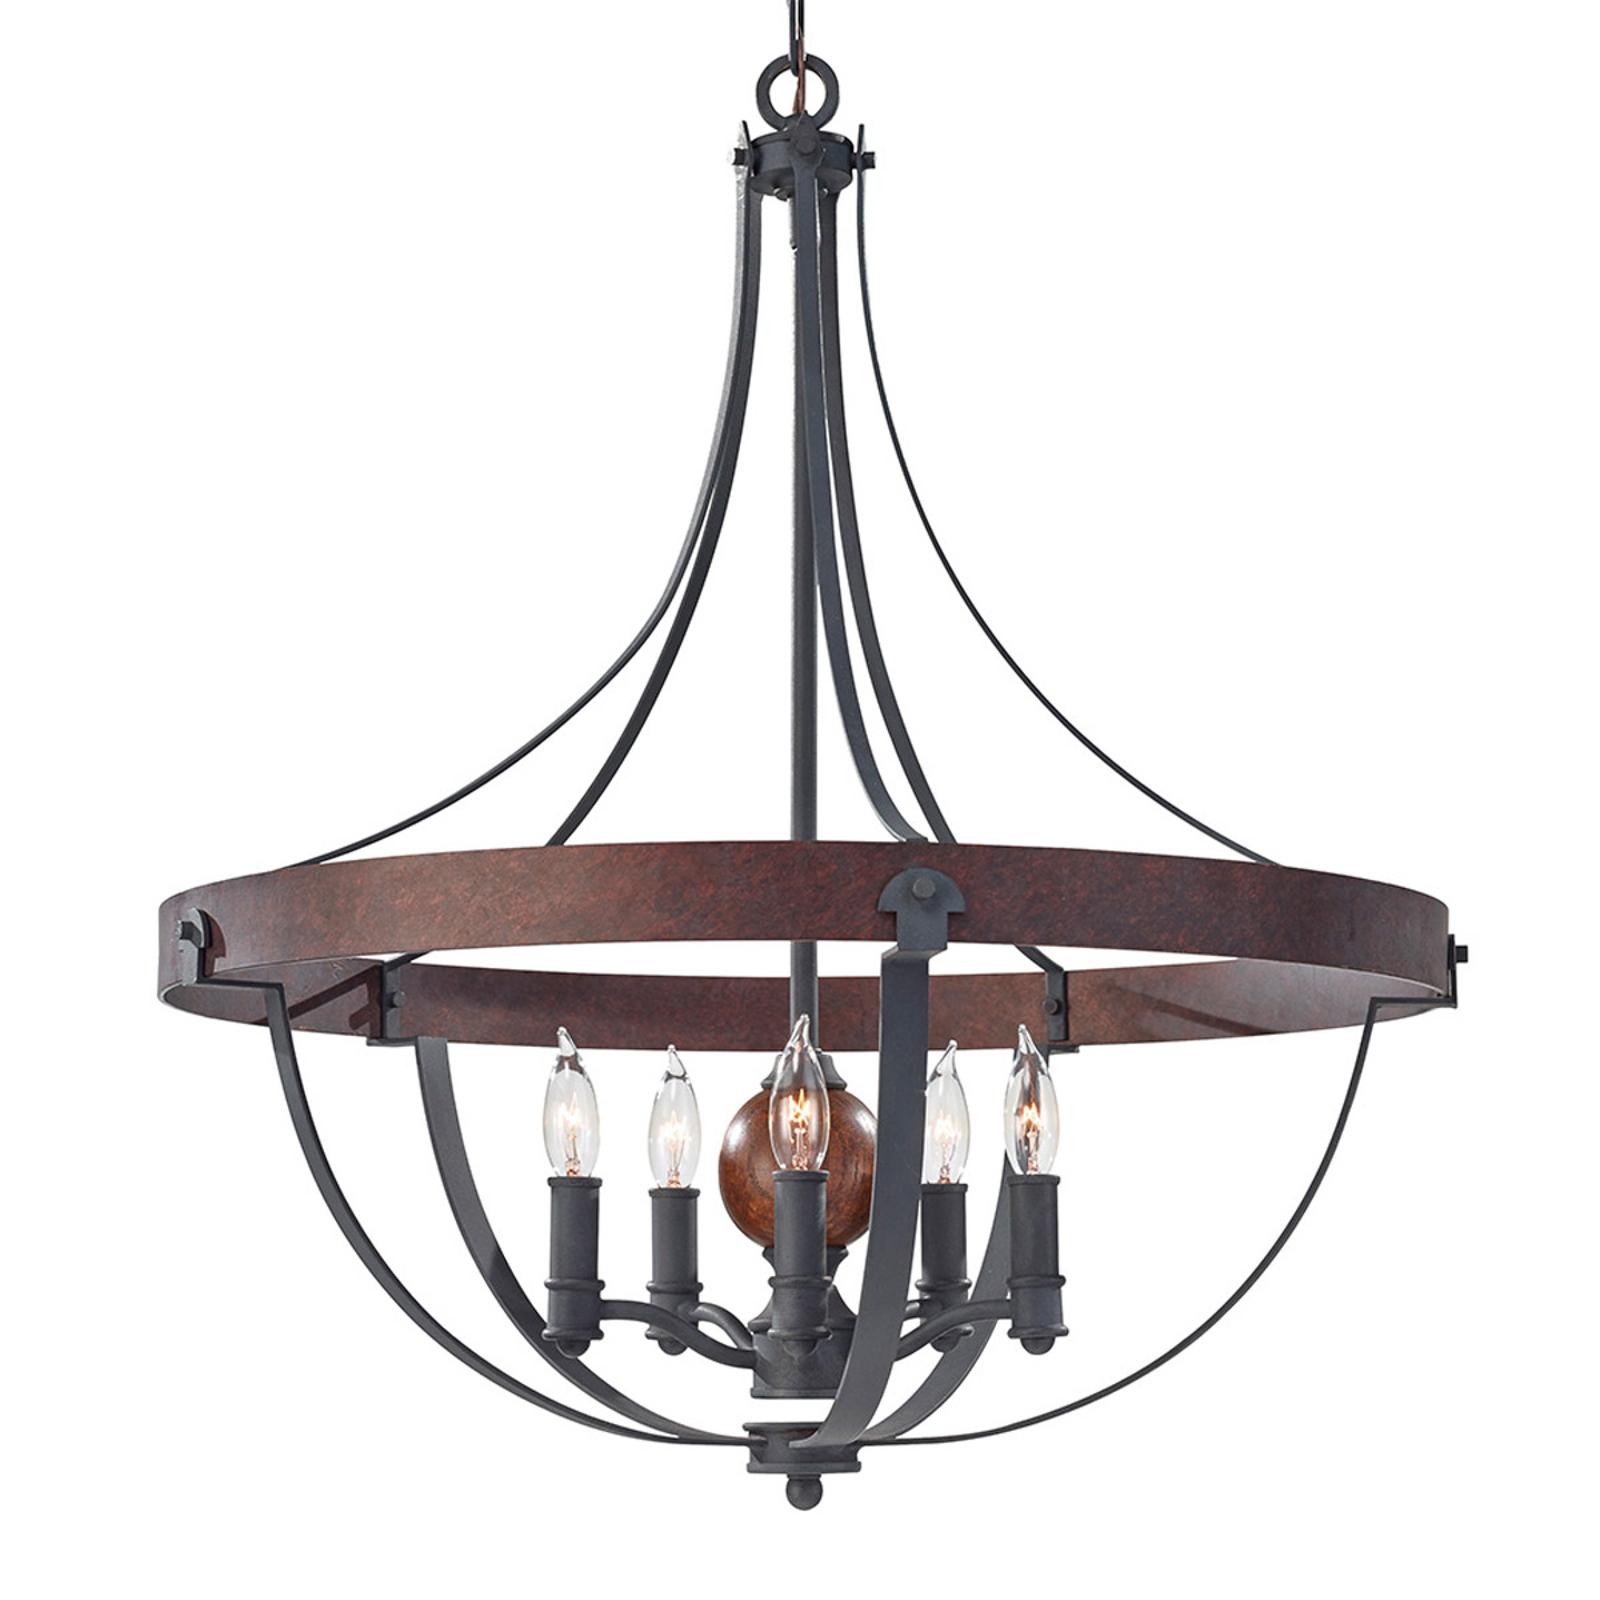 Robust chandelier Alston_3048330_1